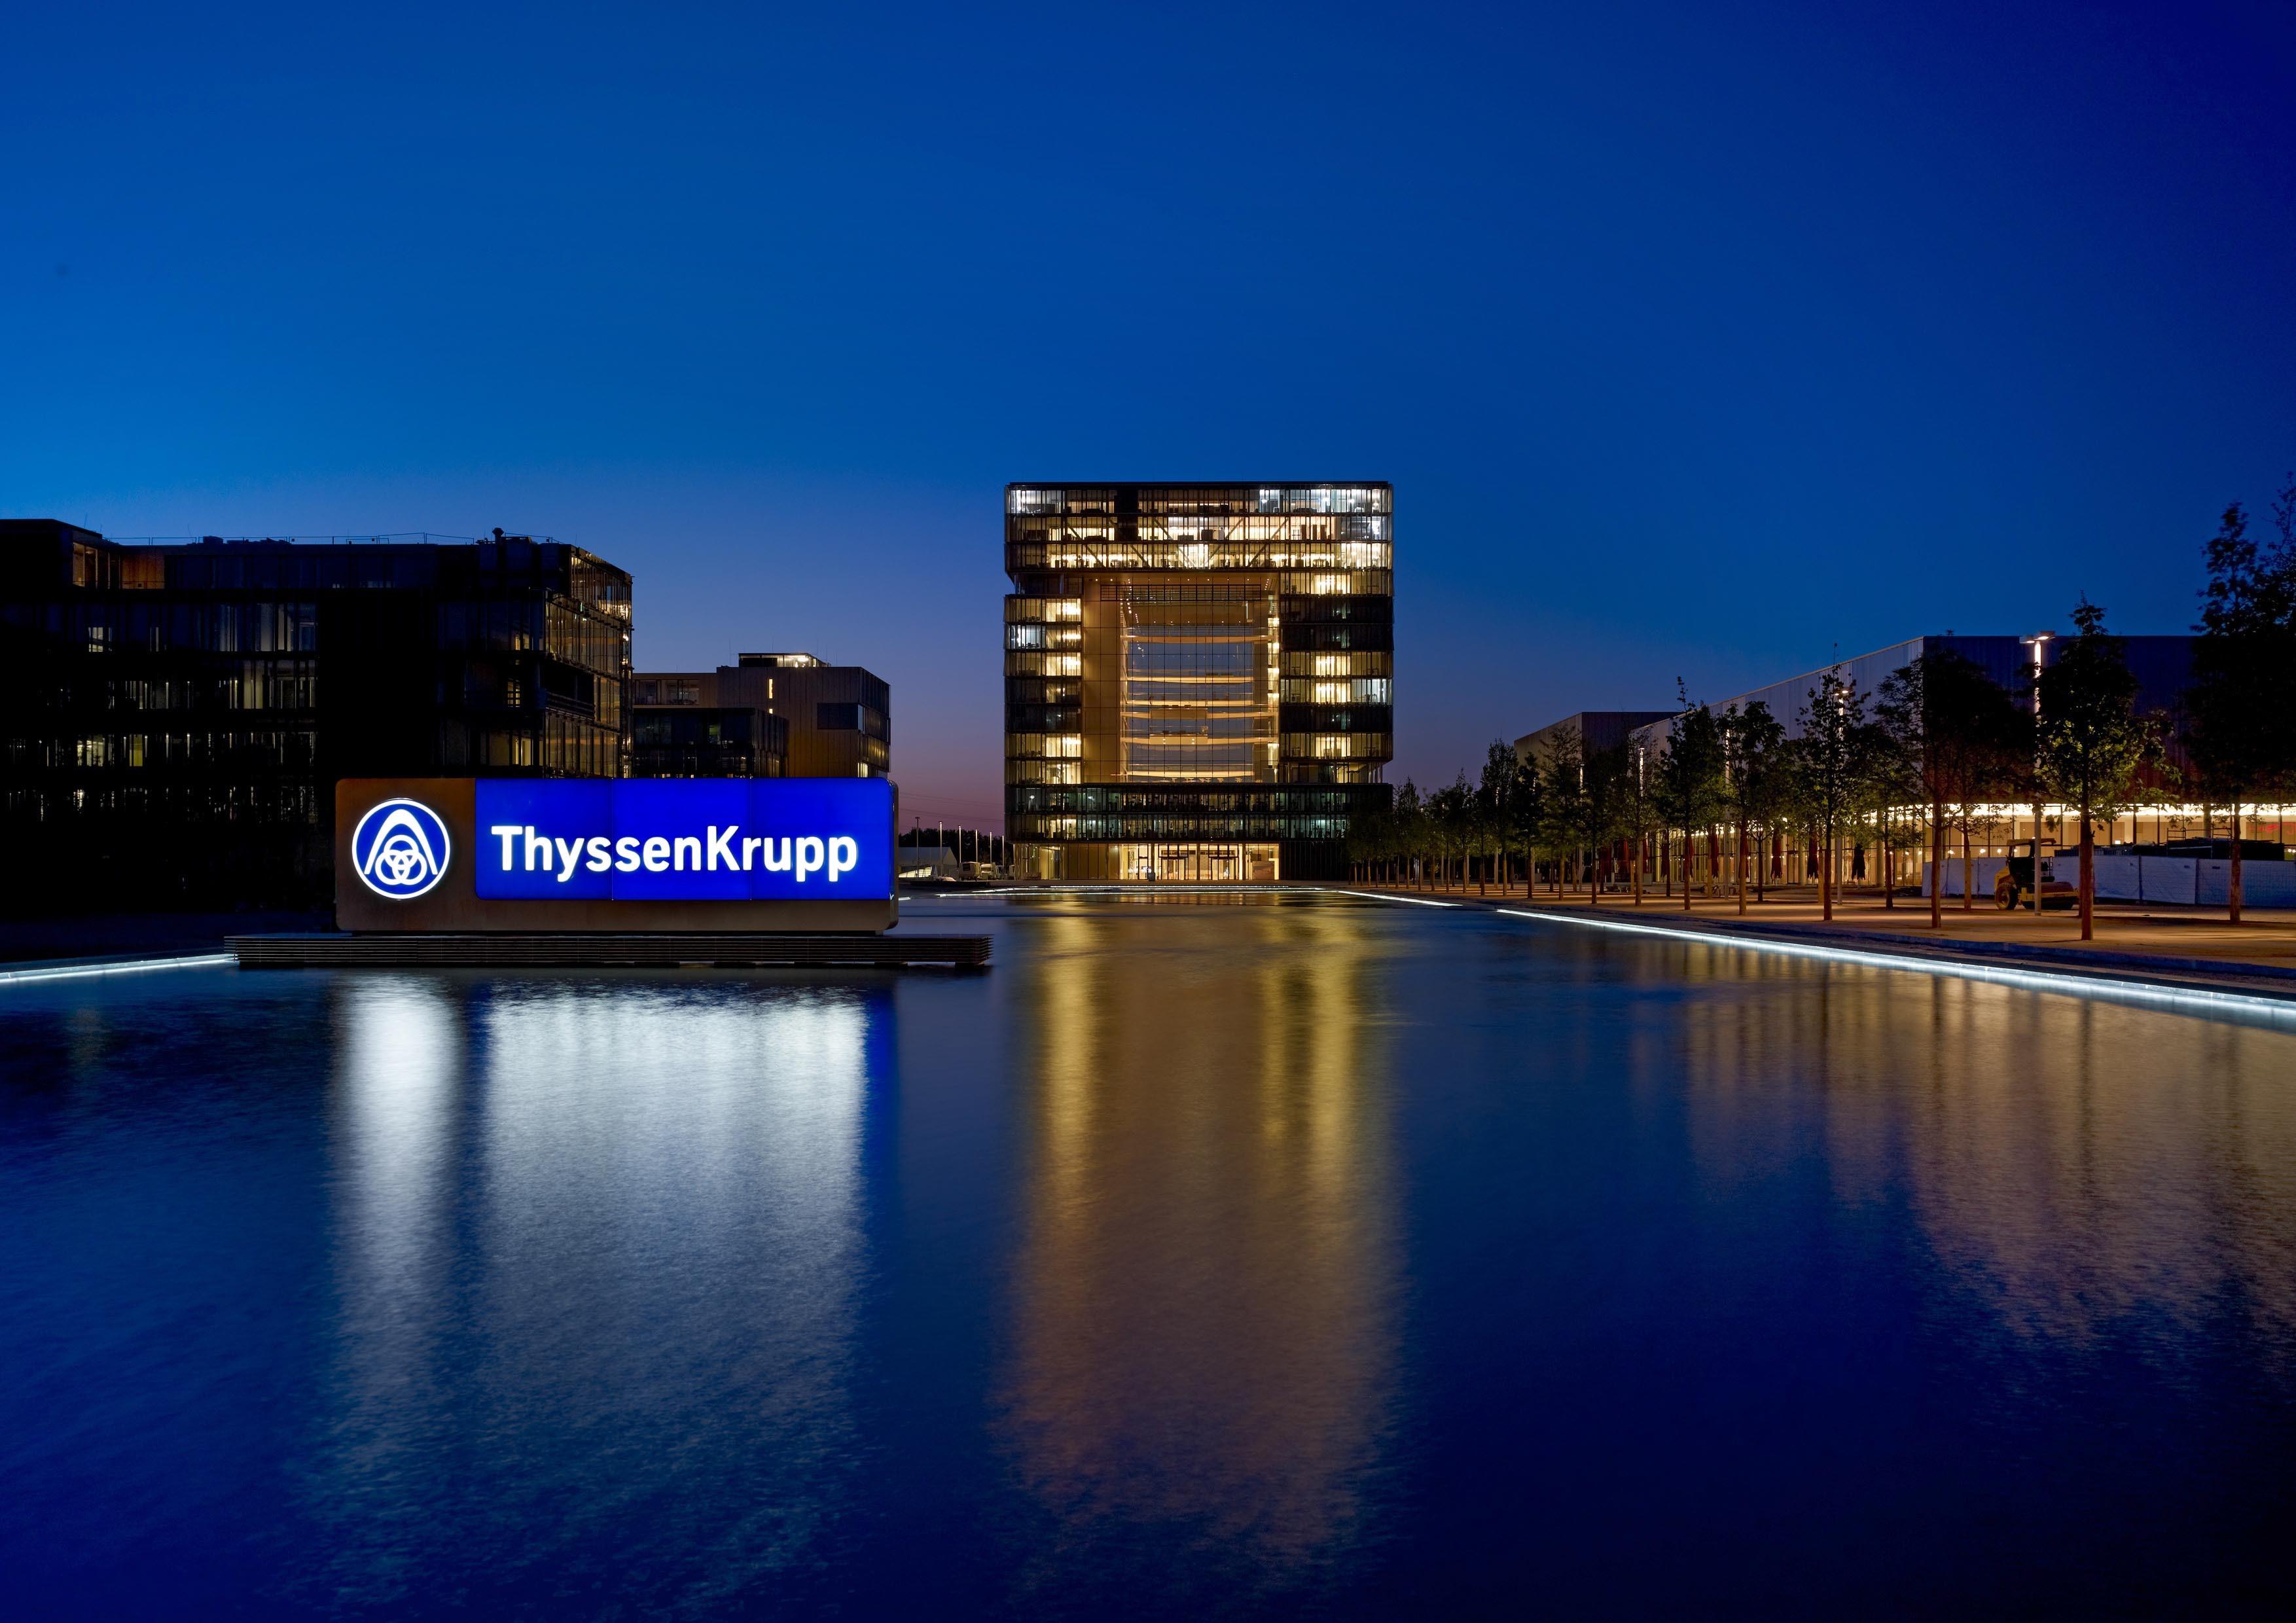 ThyssenKrupp Quartier, Essen